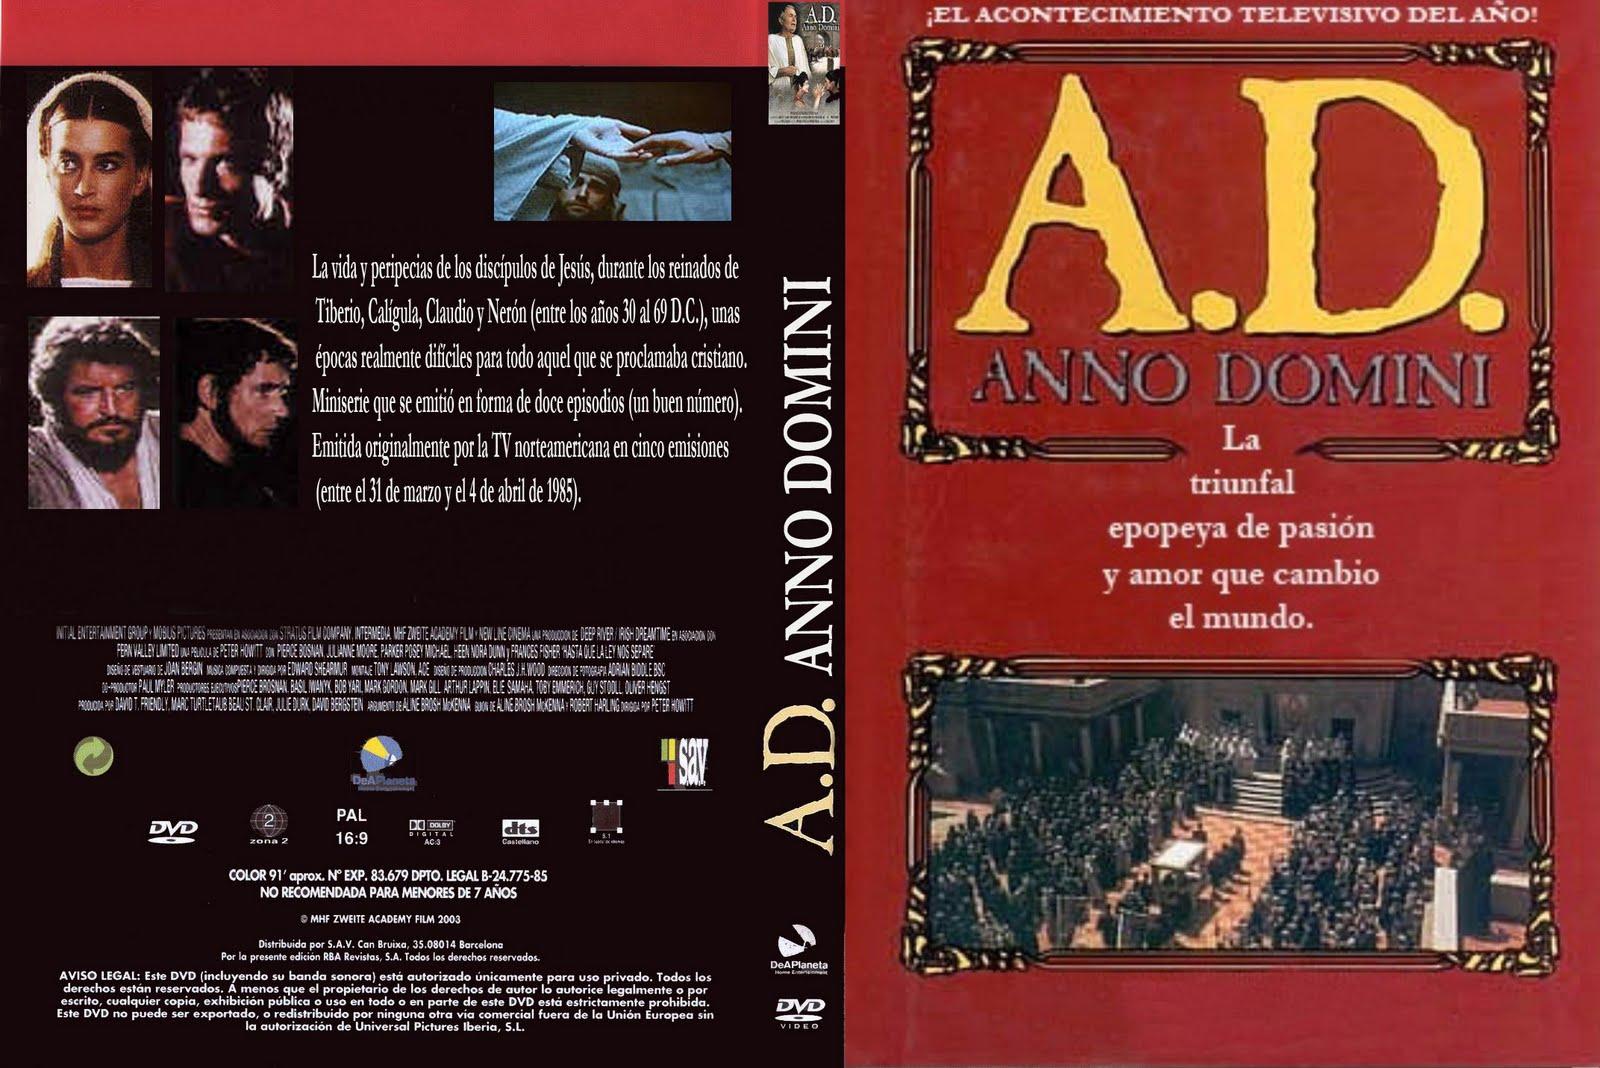 Anno Domini (Serie Tv) | COMUNIDAD CATOLICA